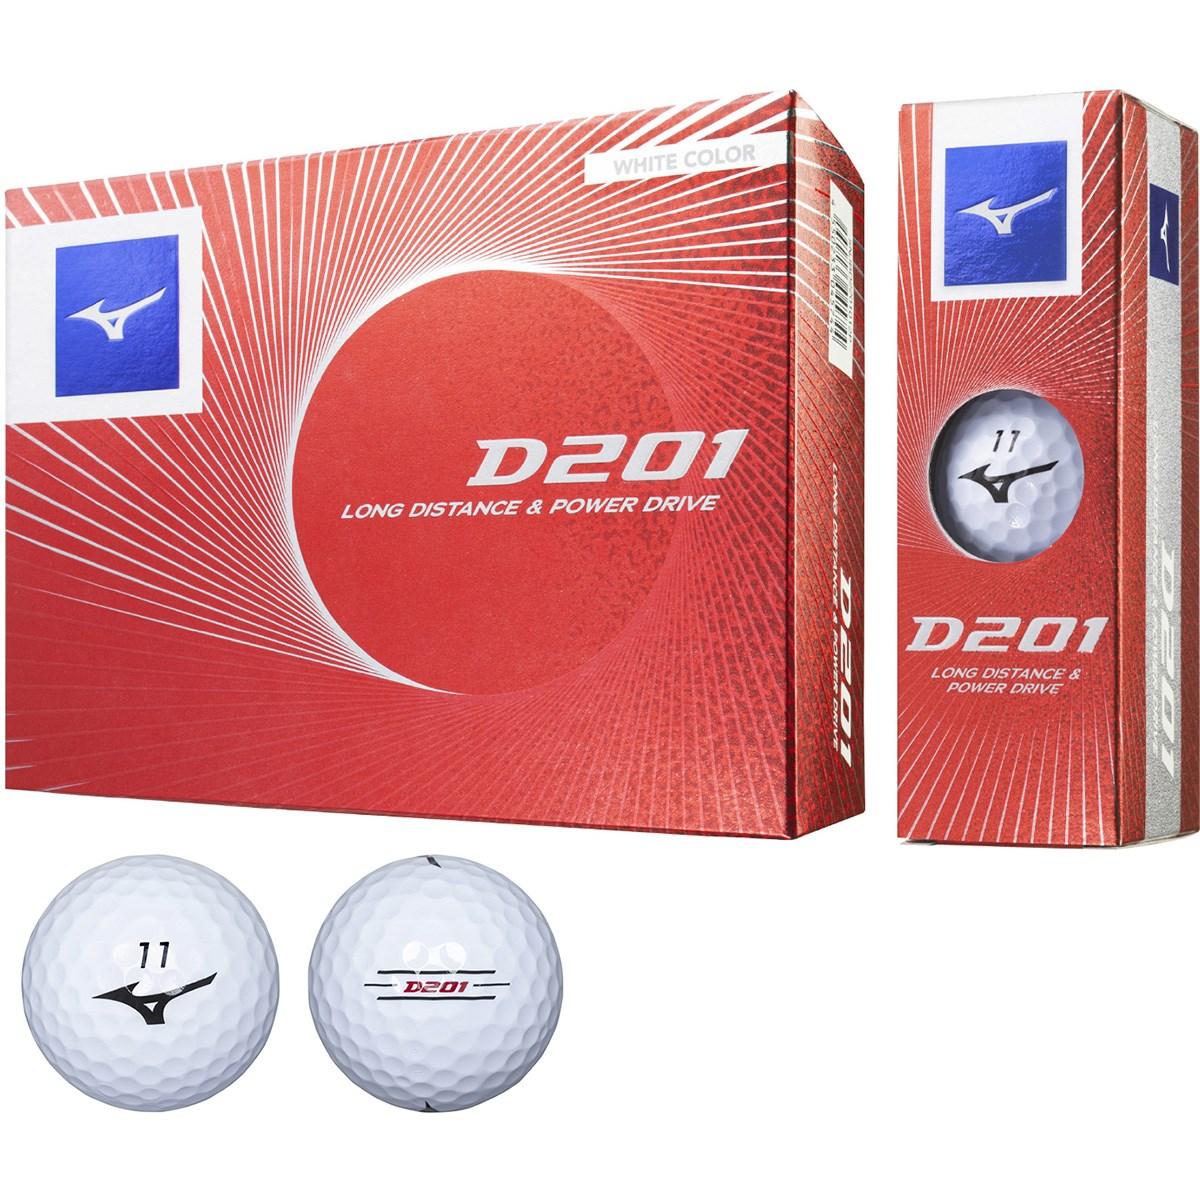 ミズノ 201 D201 ゴルフボール 1ダース(12個入り) ホワイト